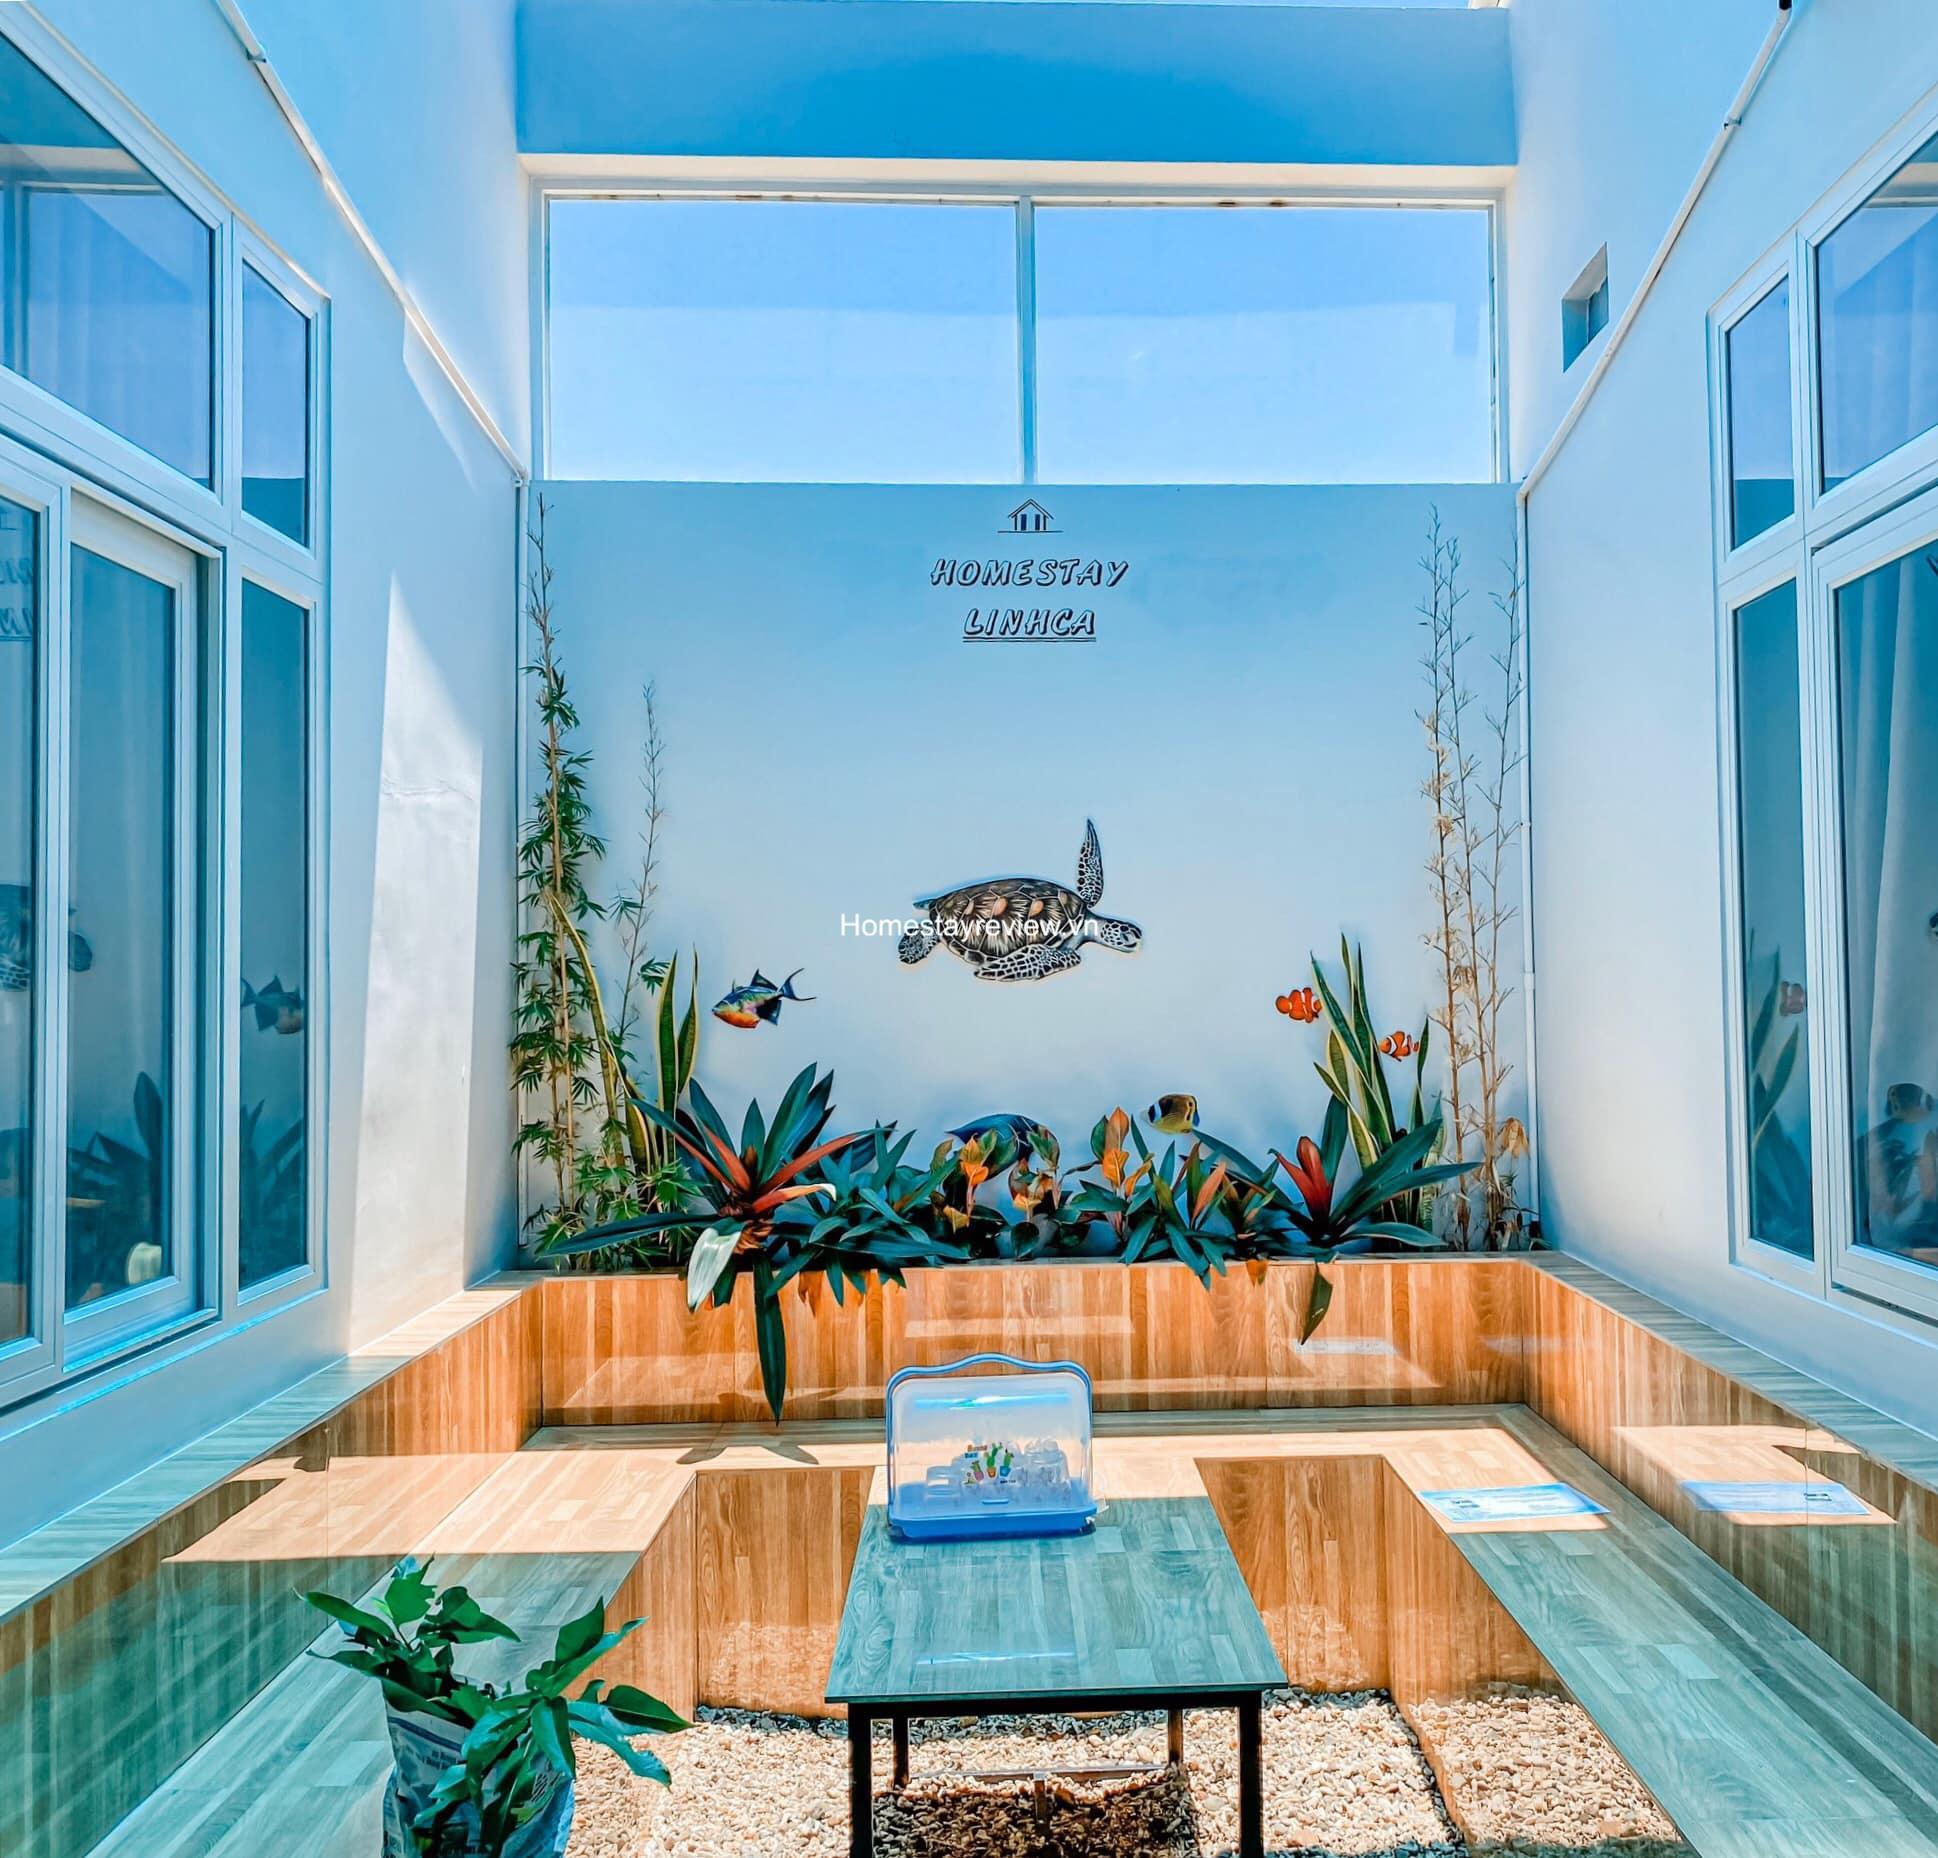 Top 20 Khách sạn nhà nghỉ homestay đảo Phú Quý giá rẻ đẹp view biển